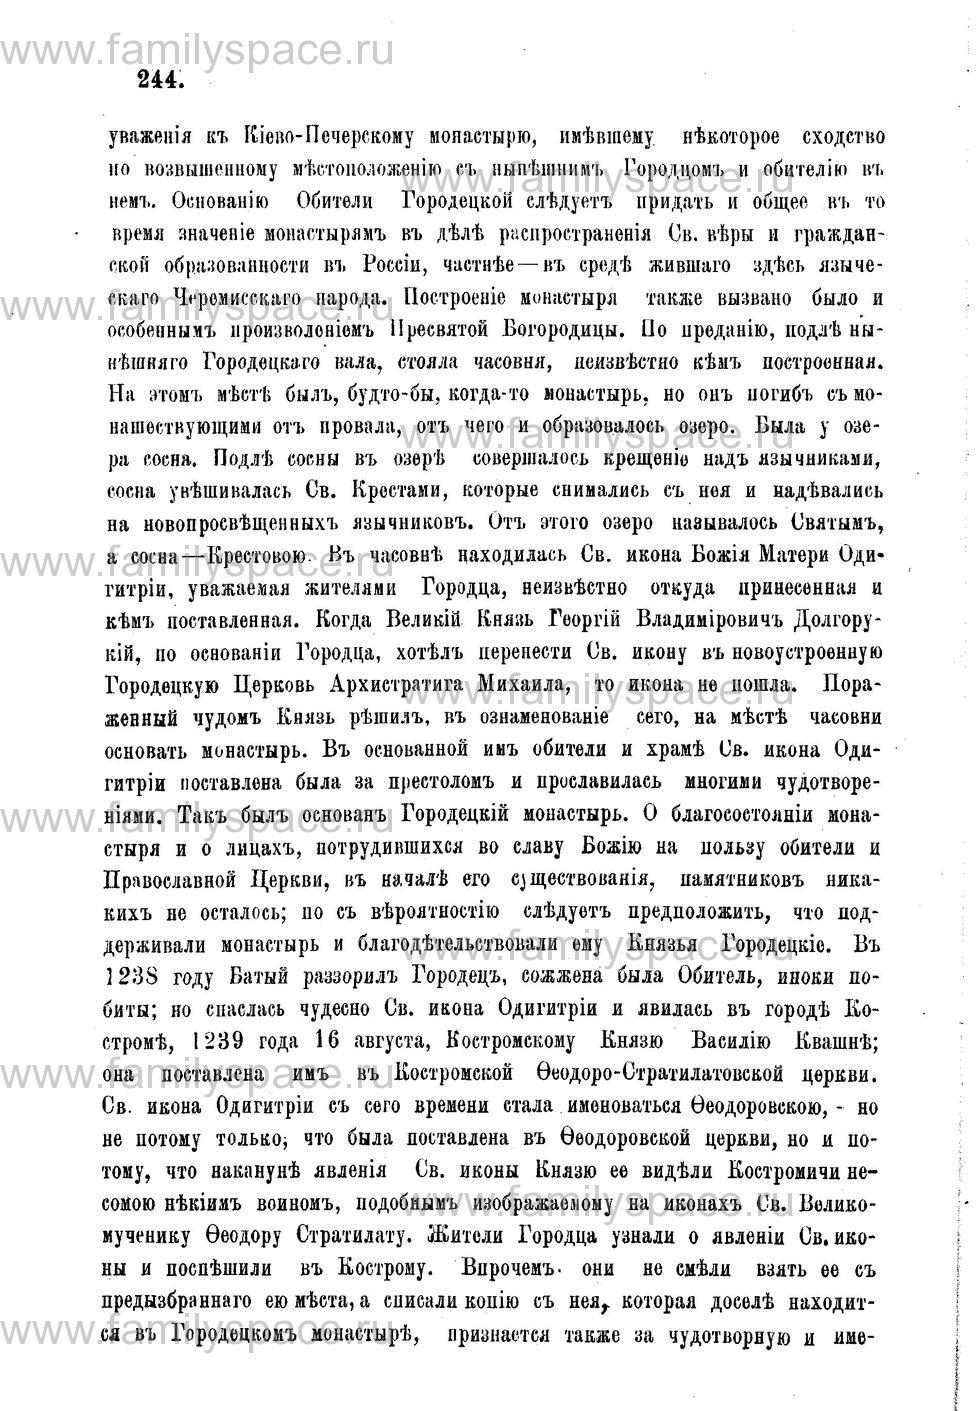 Поиск по фамилии - Адрес-календарь Нижегородской епархии на 1888 год, страница 1244